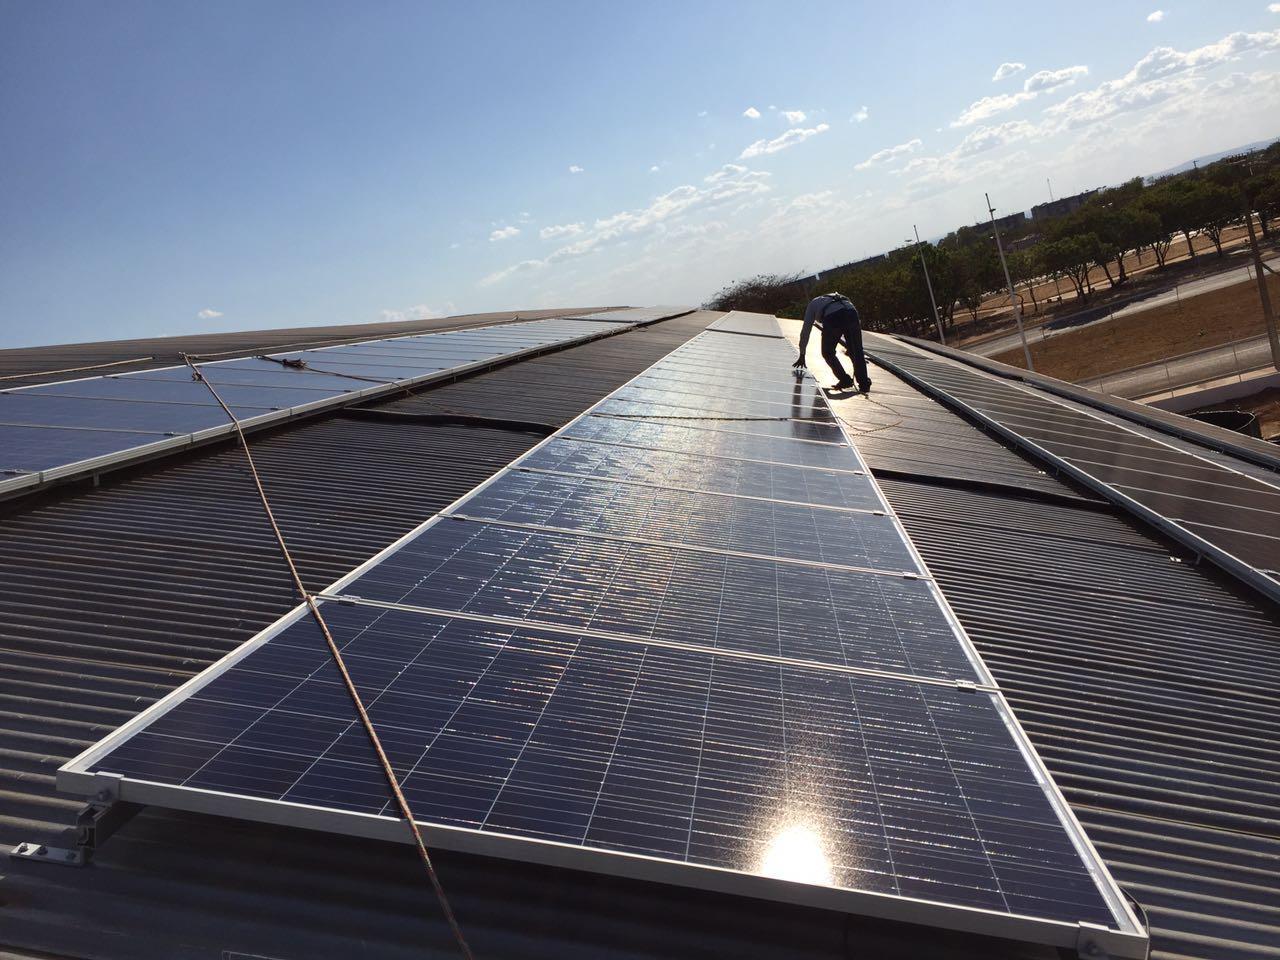 Palmas Solar: Capital se projeta para ser uma cidade inteligente e sustentável em energia limpa